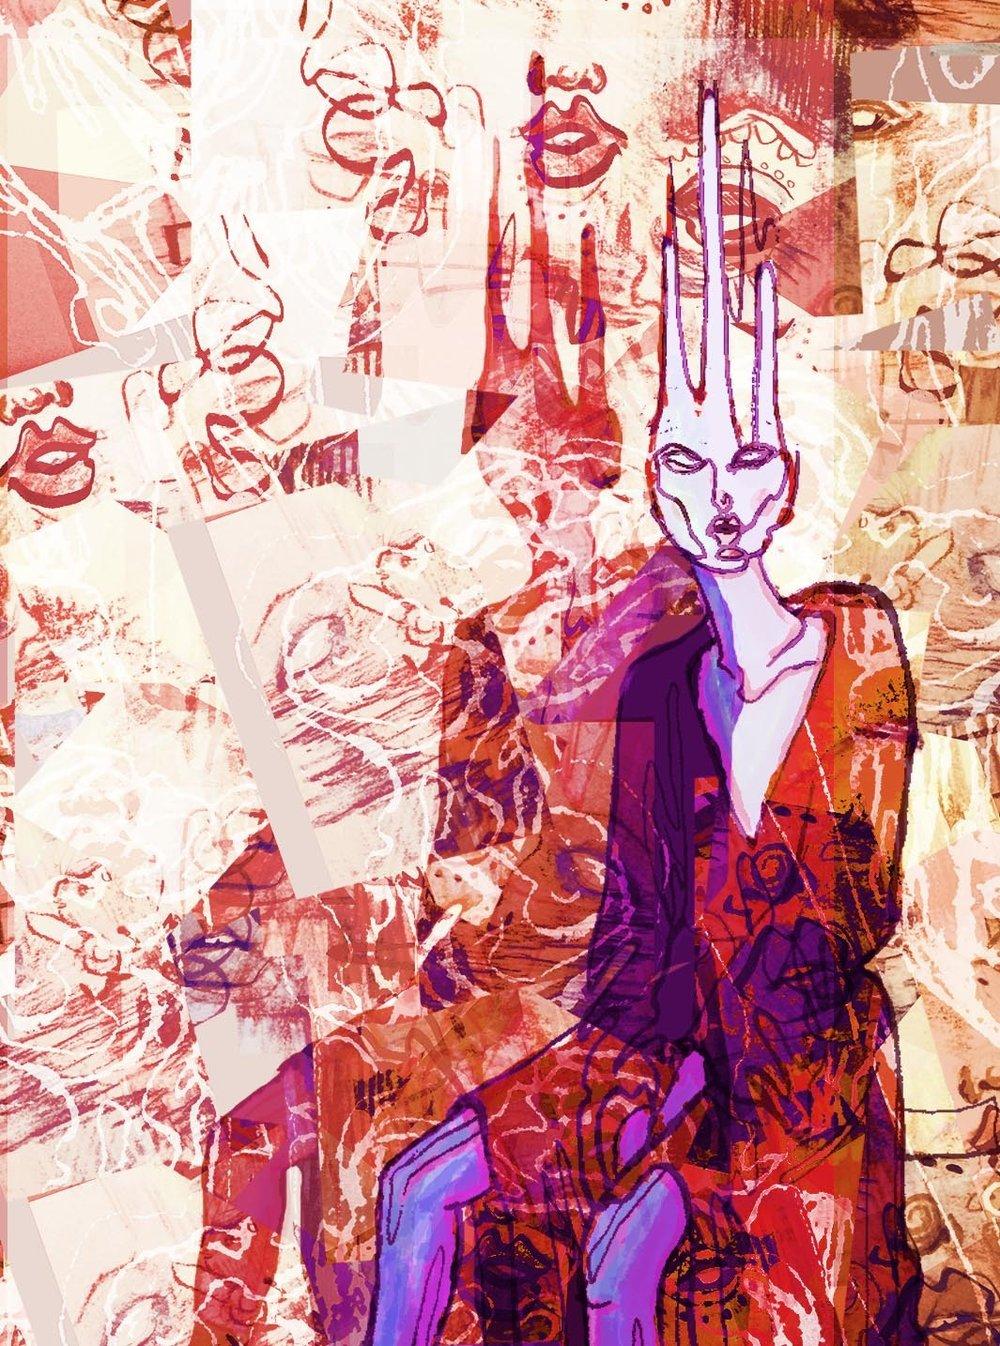 tumblr_odqpjoPPkt1tjqqw6o1_1280.jpg